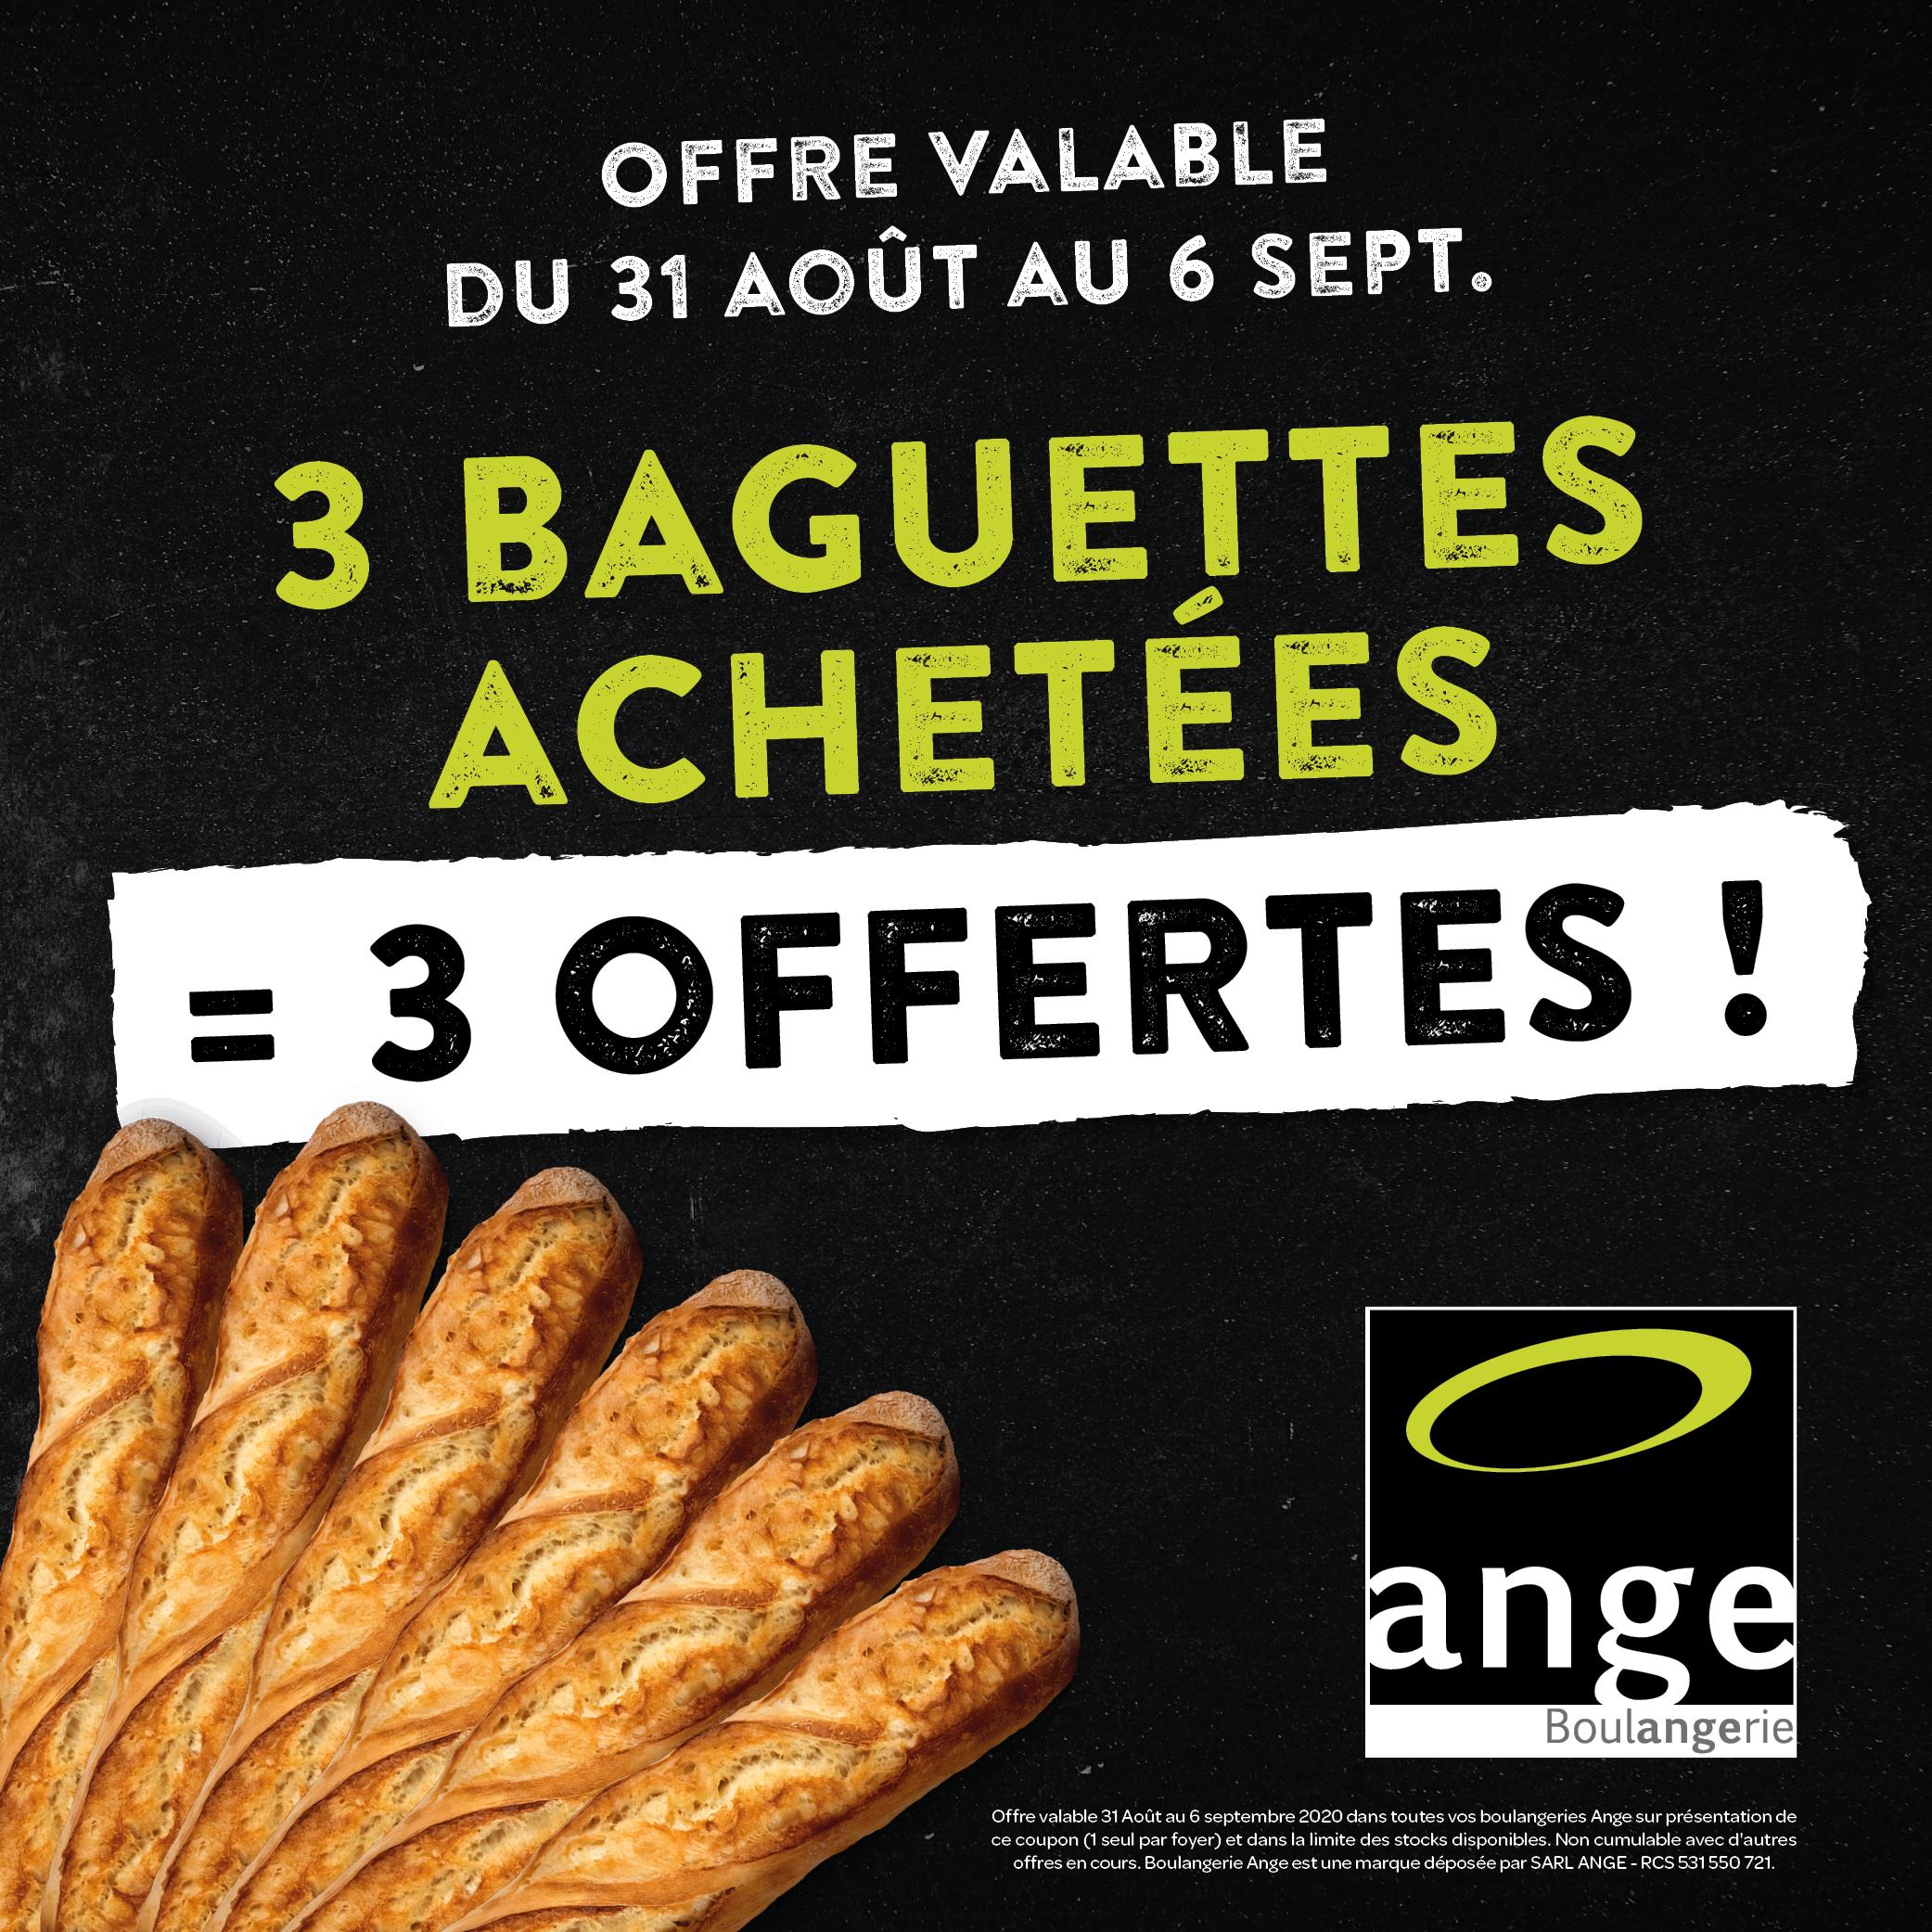 3 baguettes achetées = 3 offertes - Boulangeries Ange